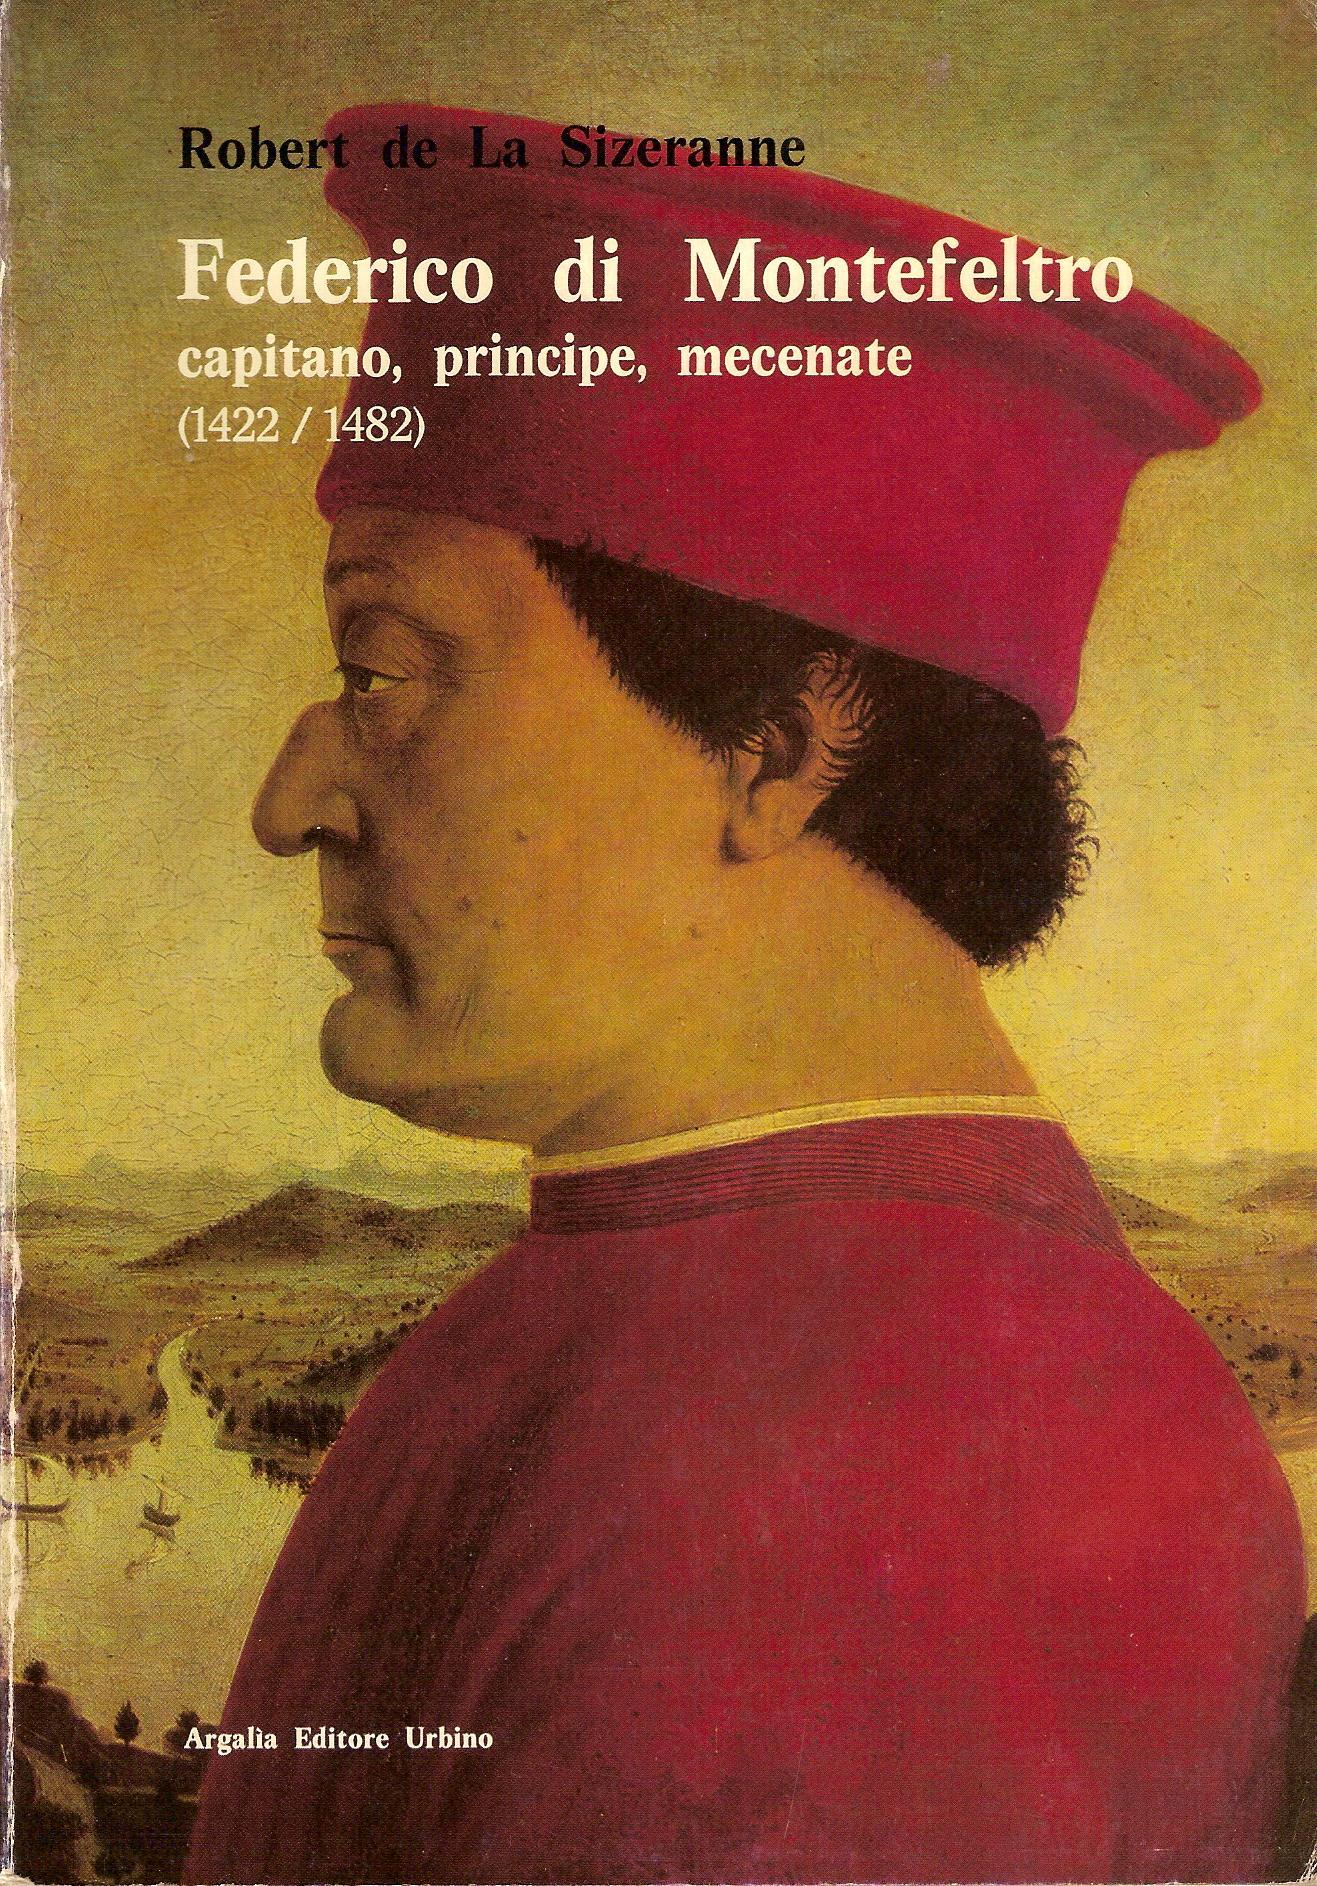 Federico di Montefeltro